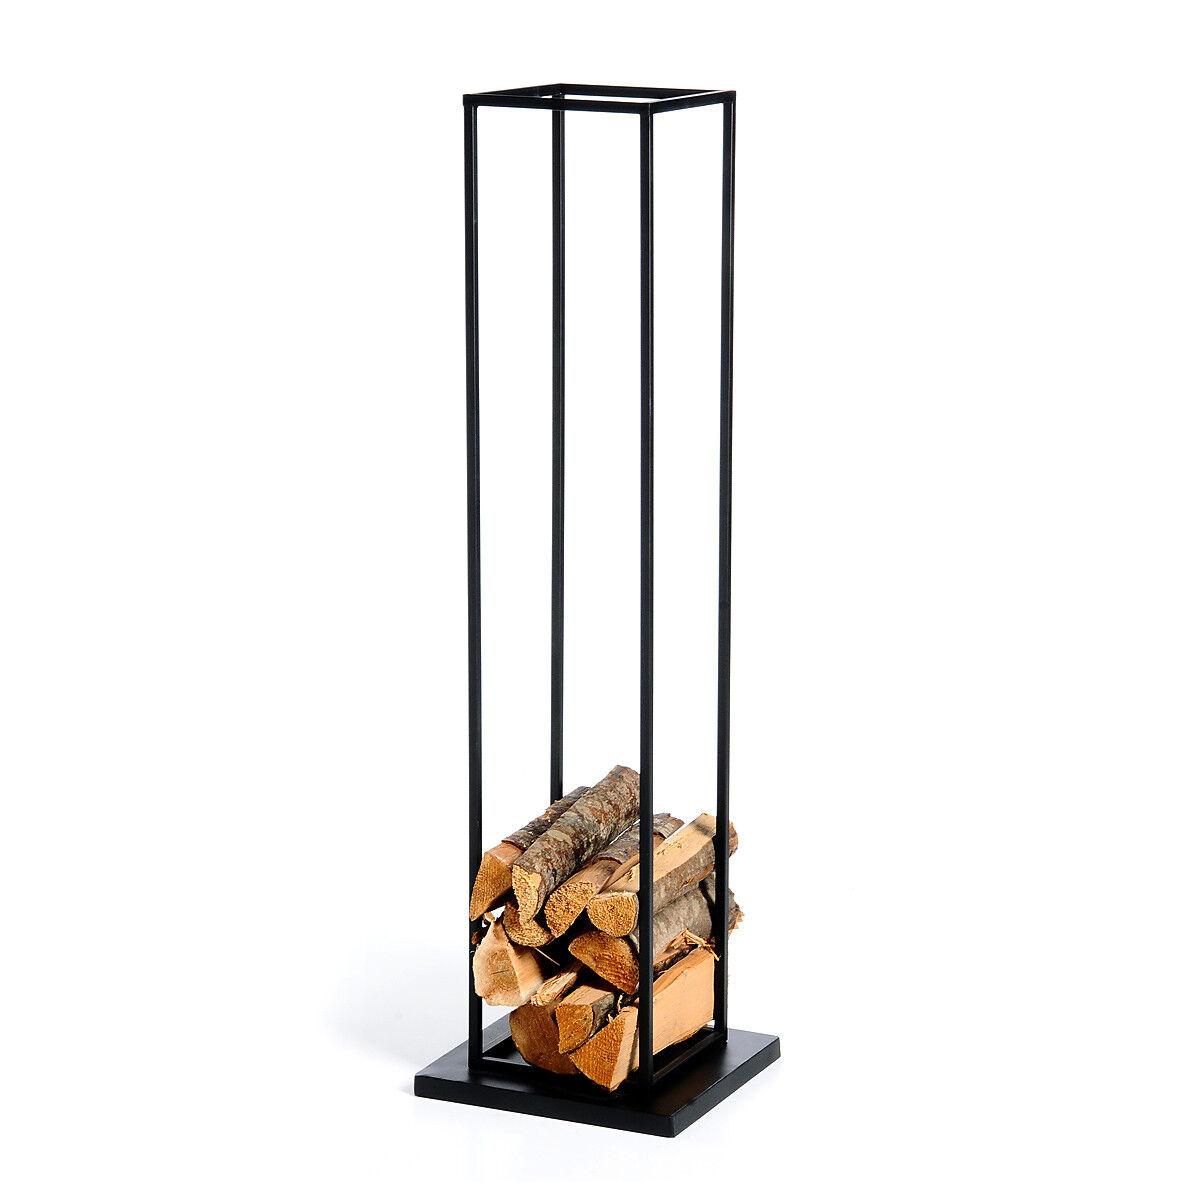 Holzständer Für Kaminholz aufbewahrung kaminholz innen. regal kaminholz innen kaminholzregal